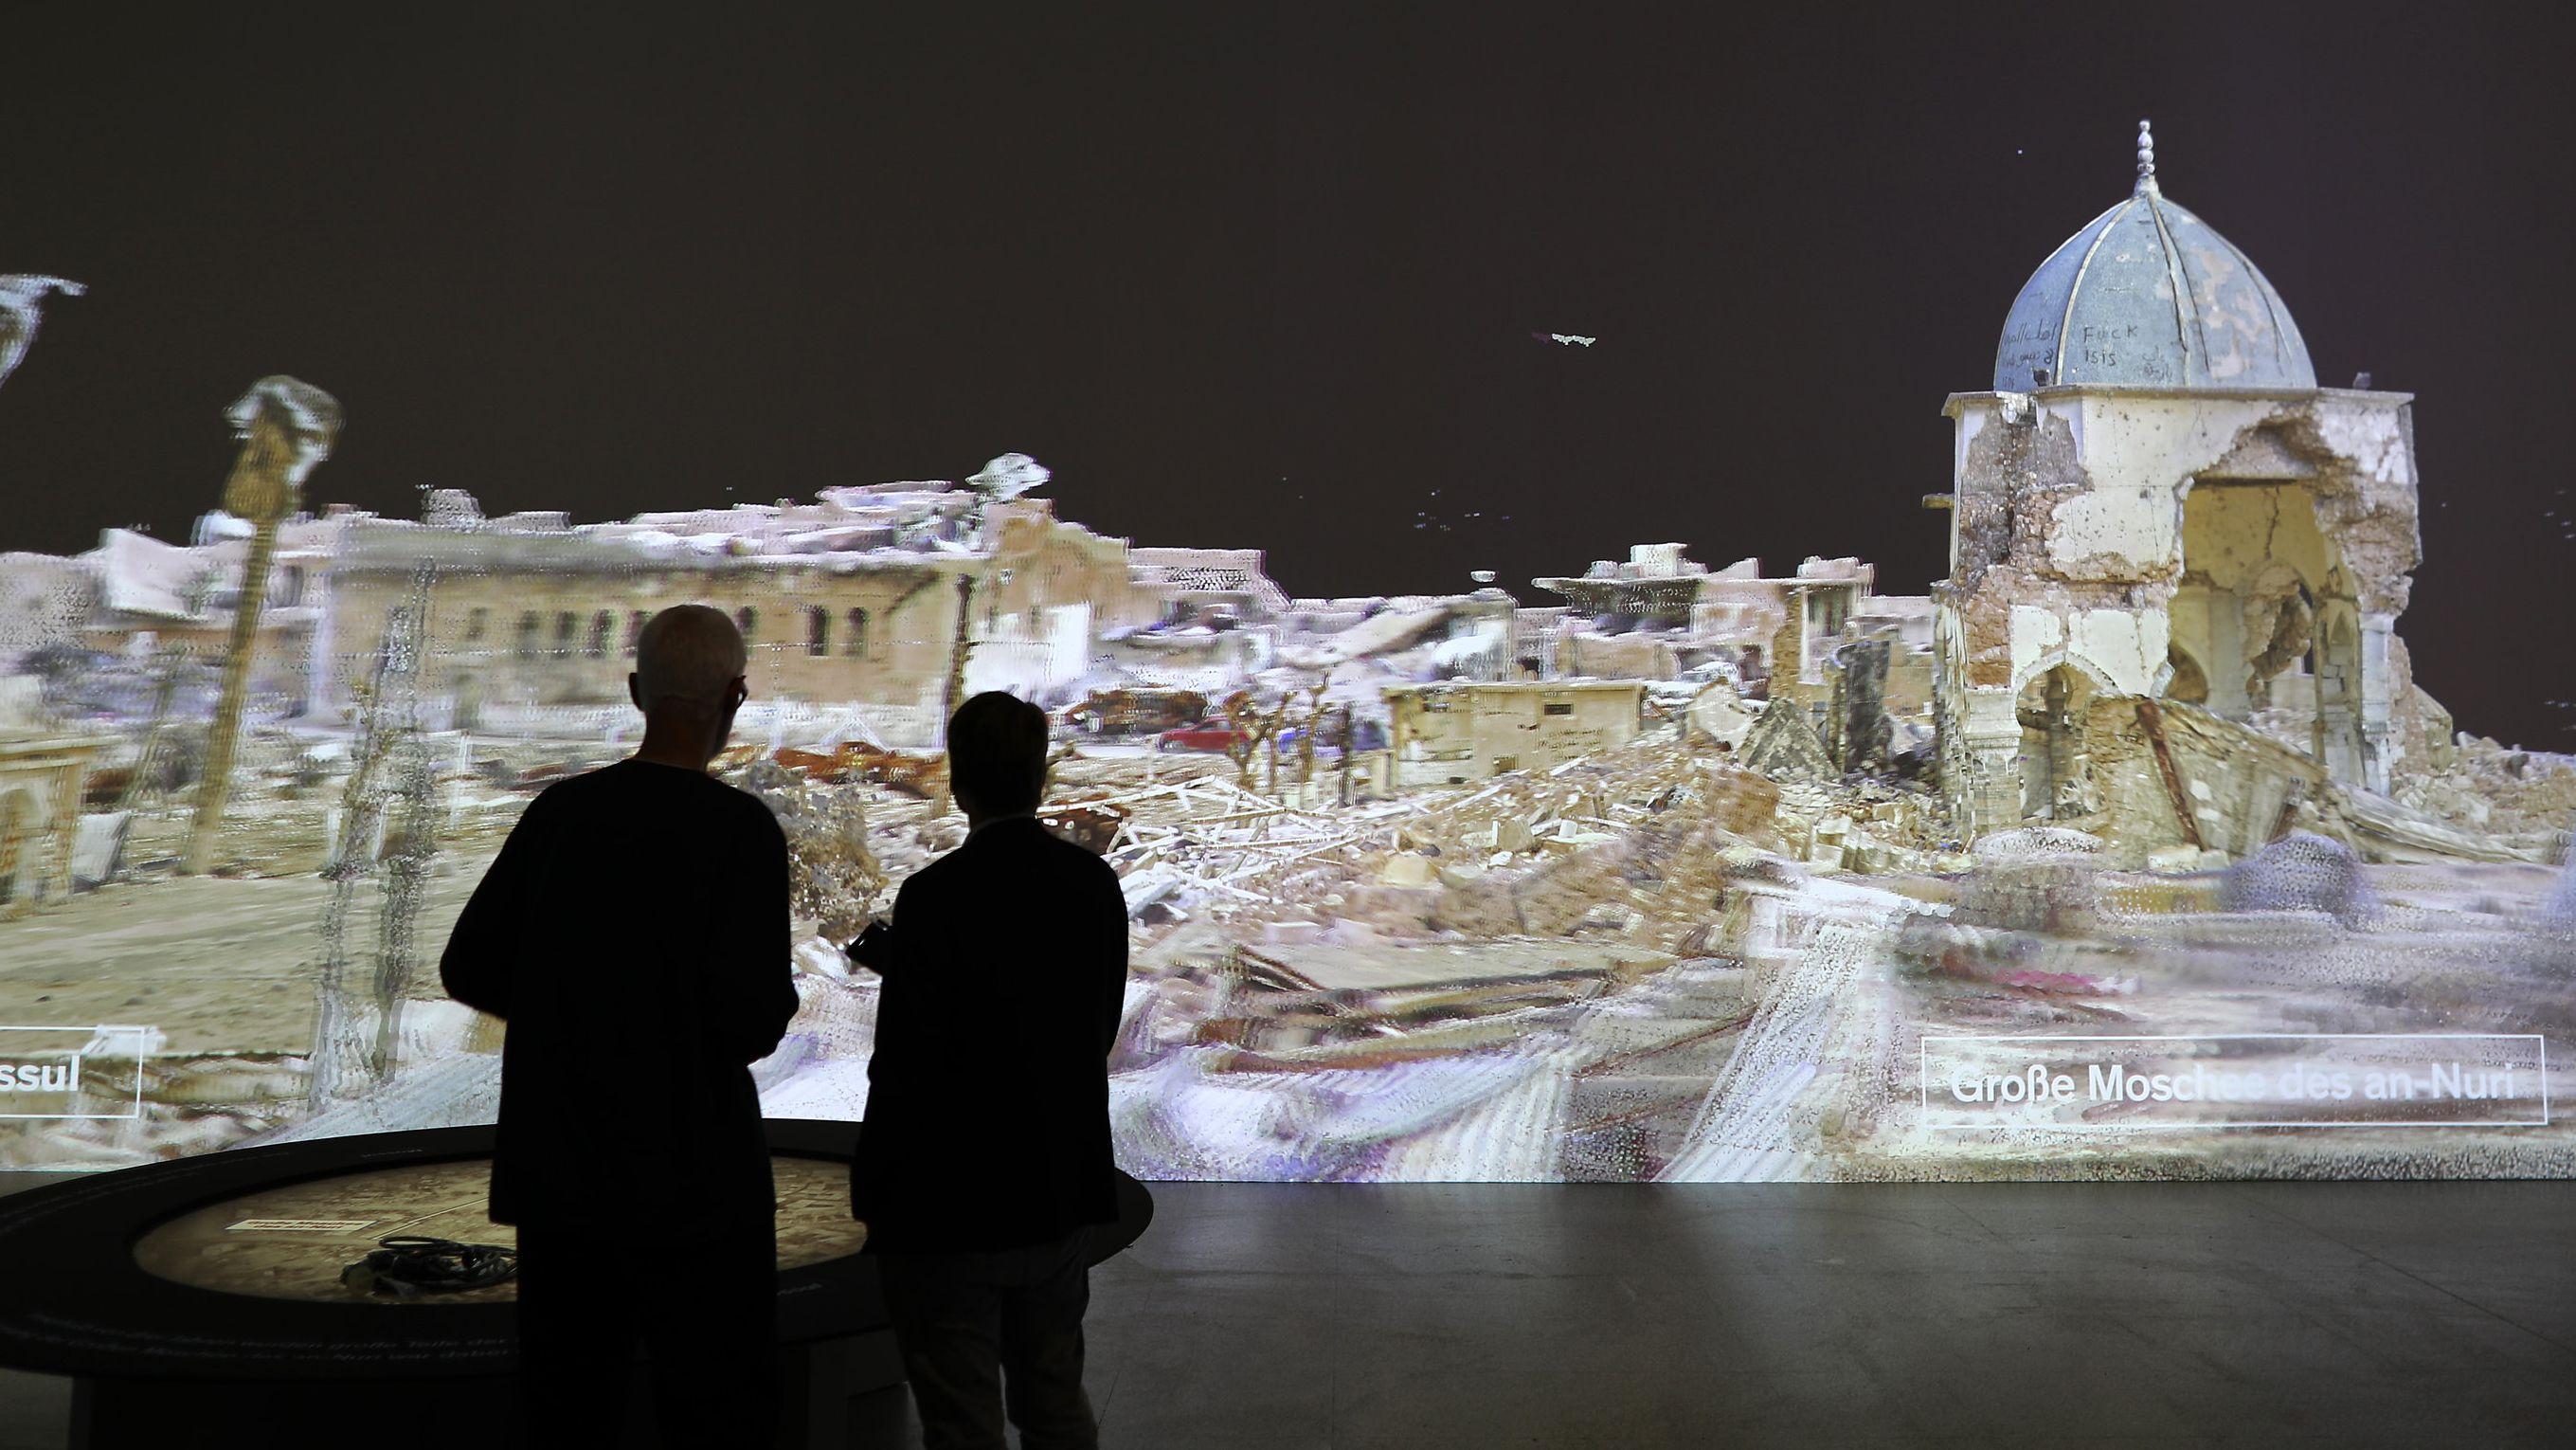 Die Bundeskunsthalle Bonn lässt antike Stätten virtuell wieder erstehen, wie die Trümmer der Moschee des an-Nuri in Mossul